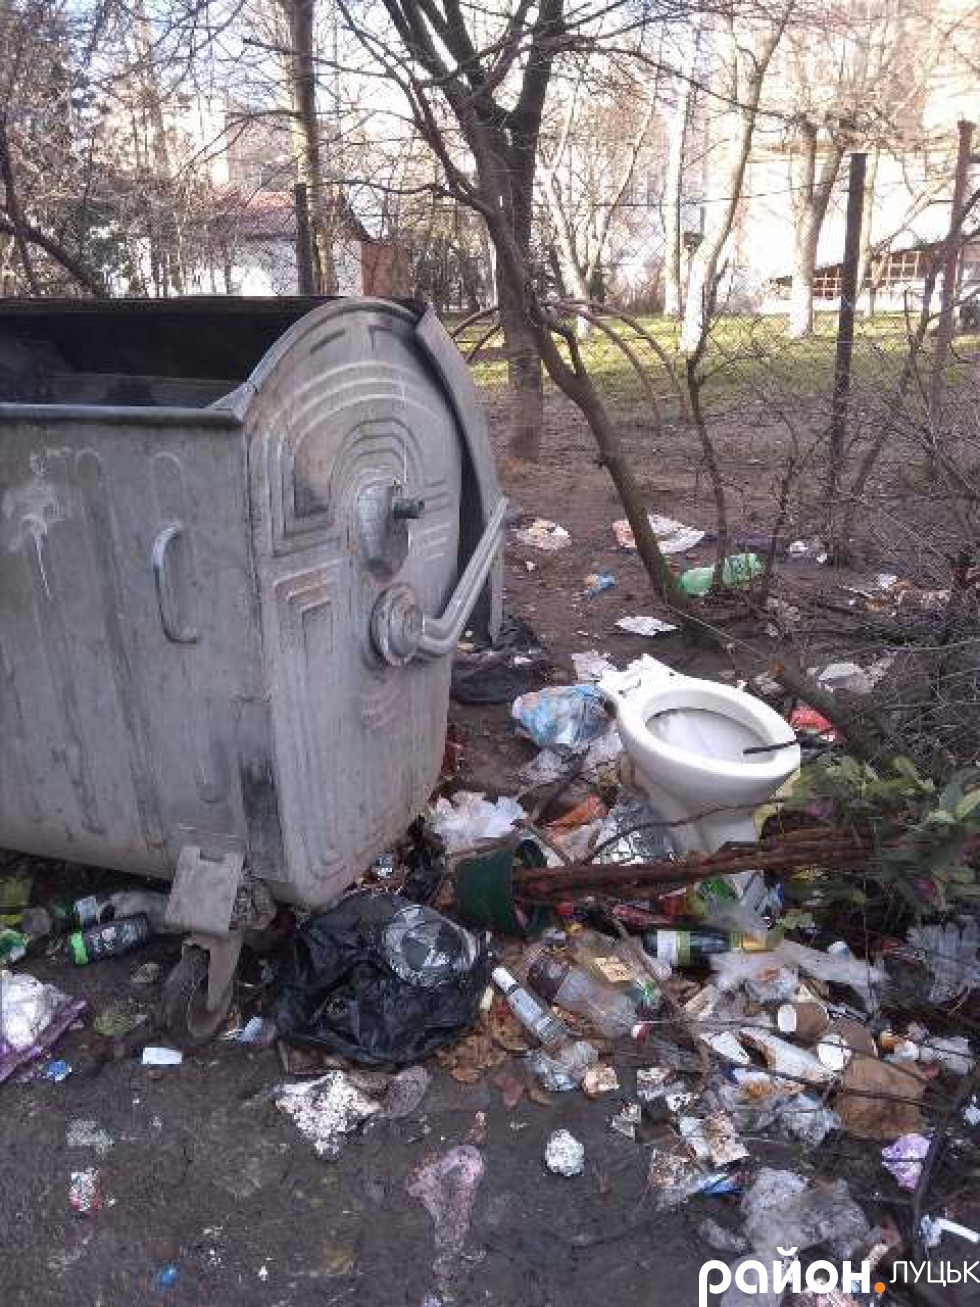 Те сміття, що в баку – забирають, а те, що збоку на землі – ні